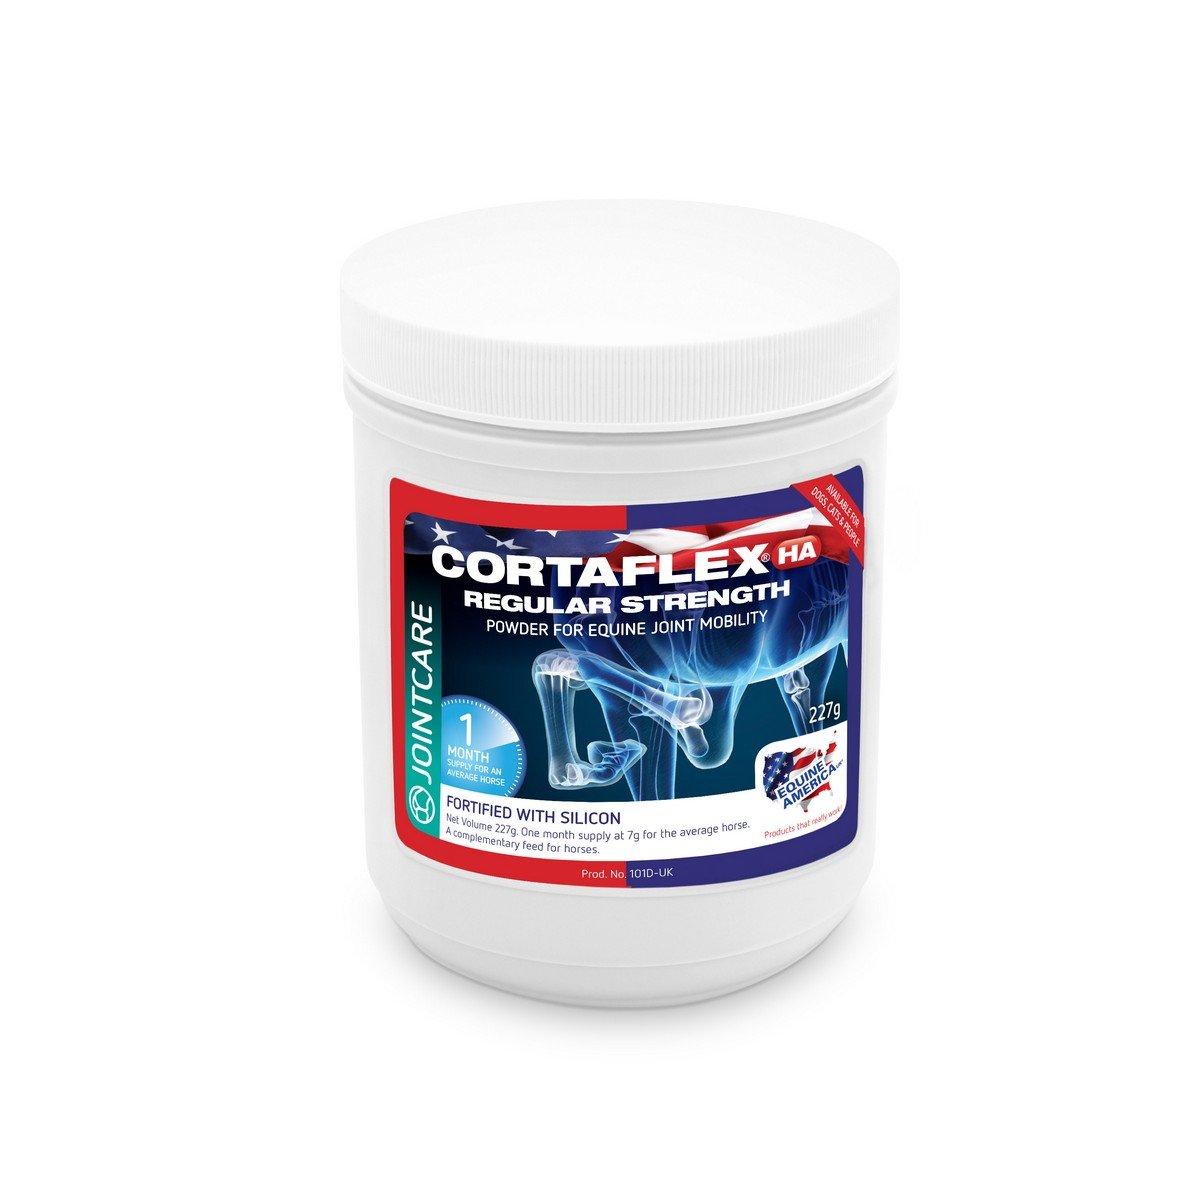 Afbeelding van Cortaflex HA Regular Powder 227gm